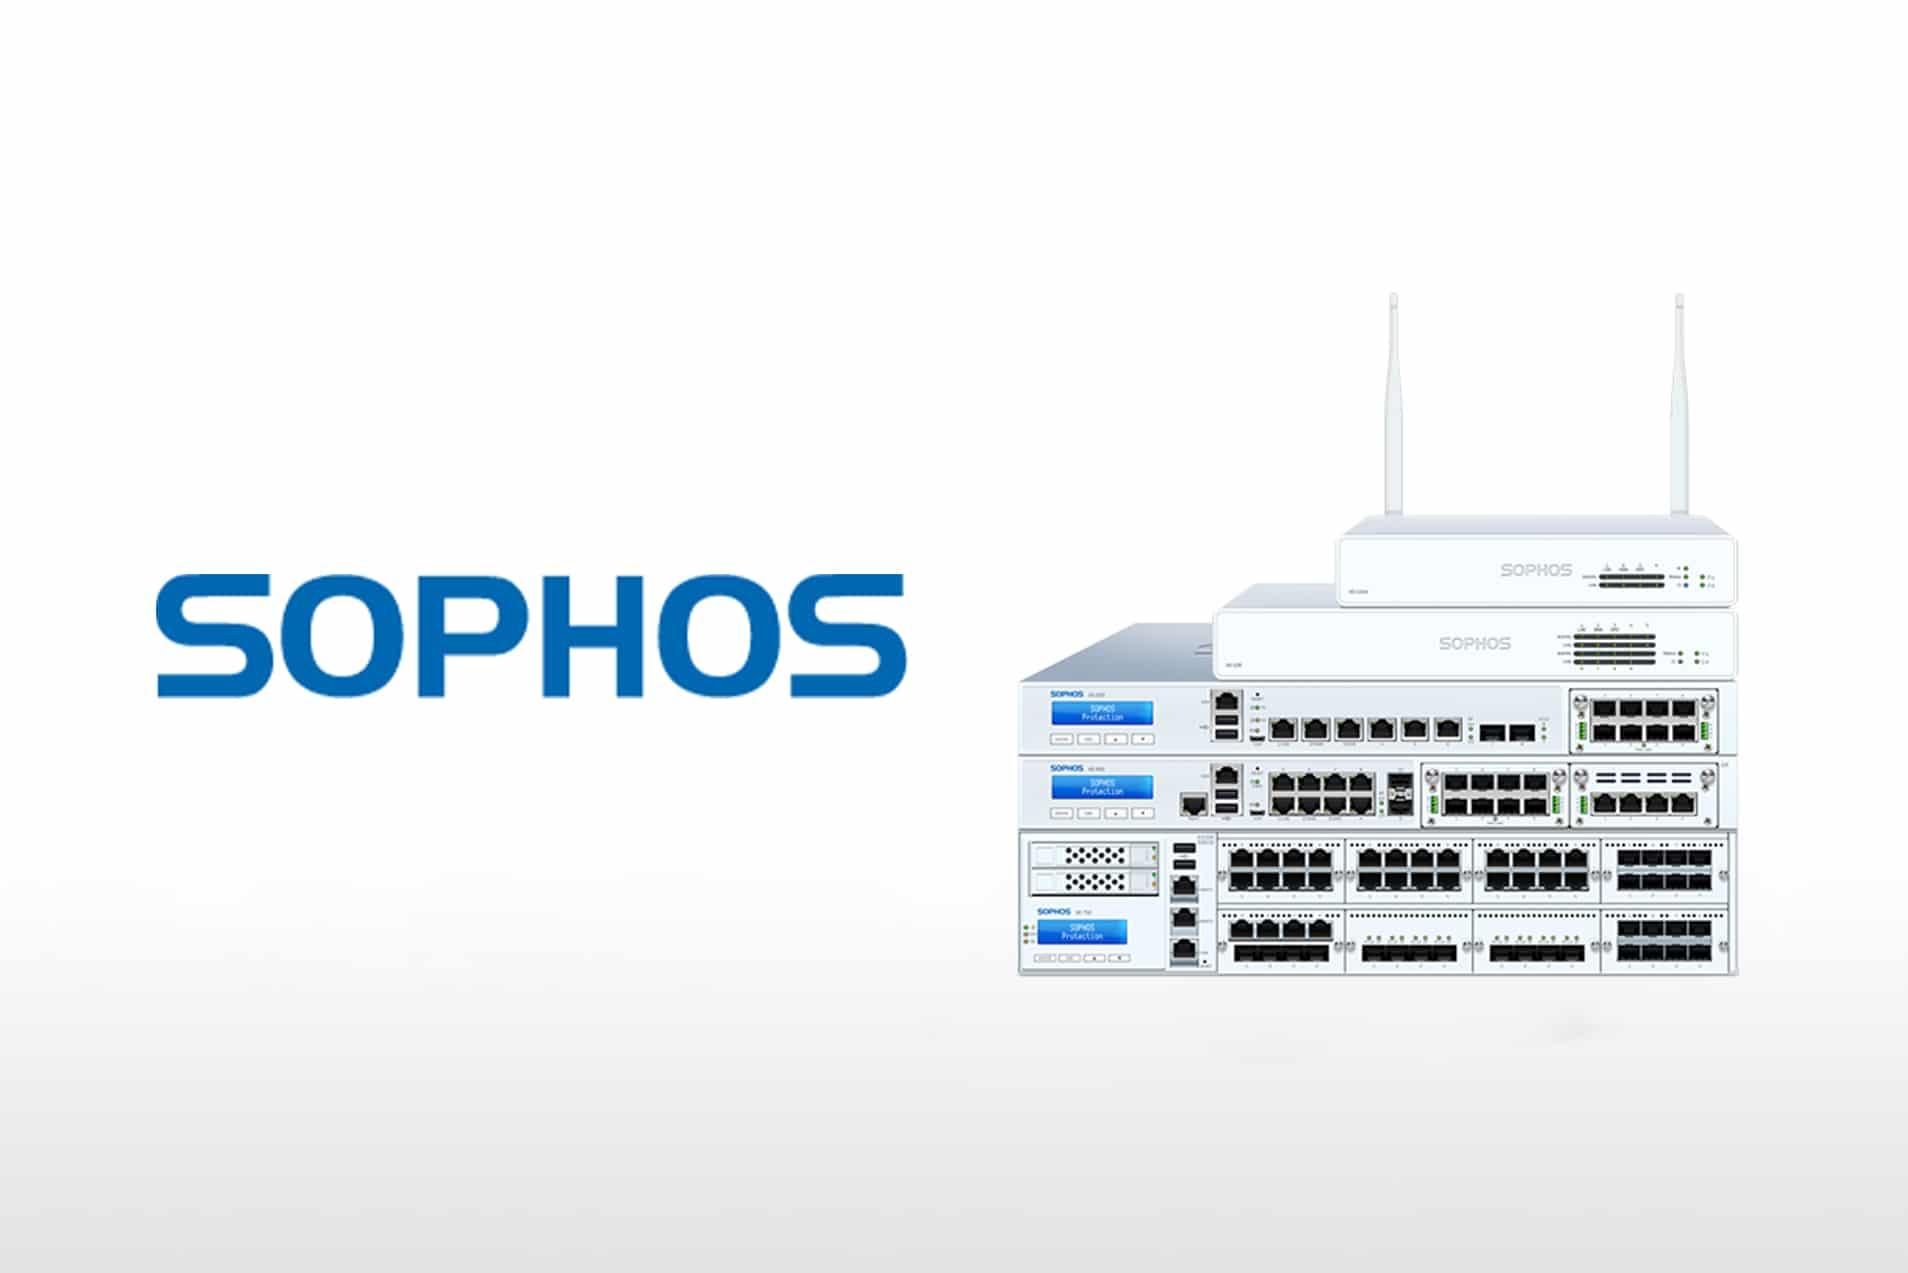 SOPHOS Angebot beim Wechsel auf neue SG/XG-Hardware - Leopold